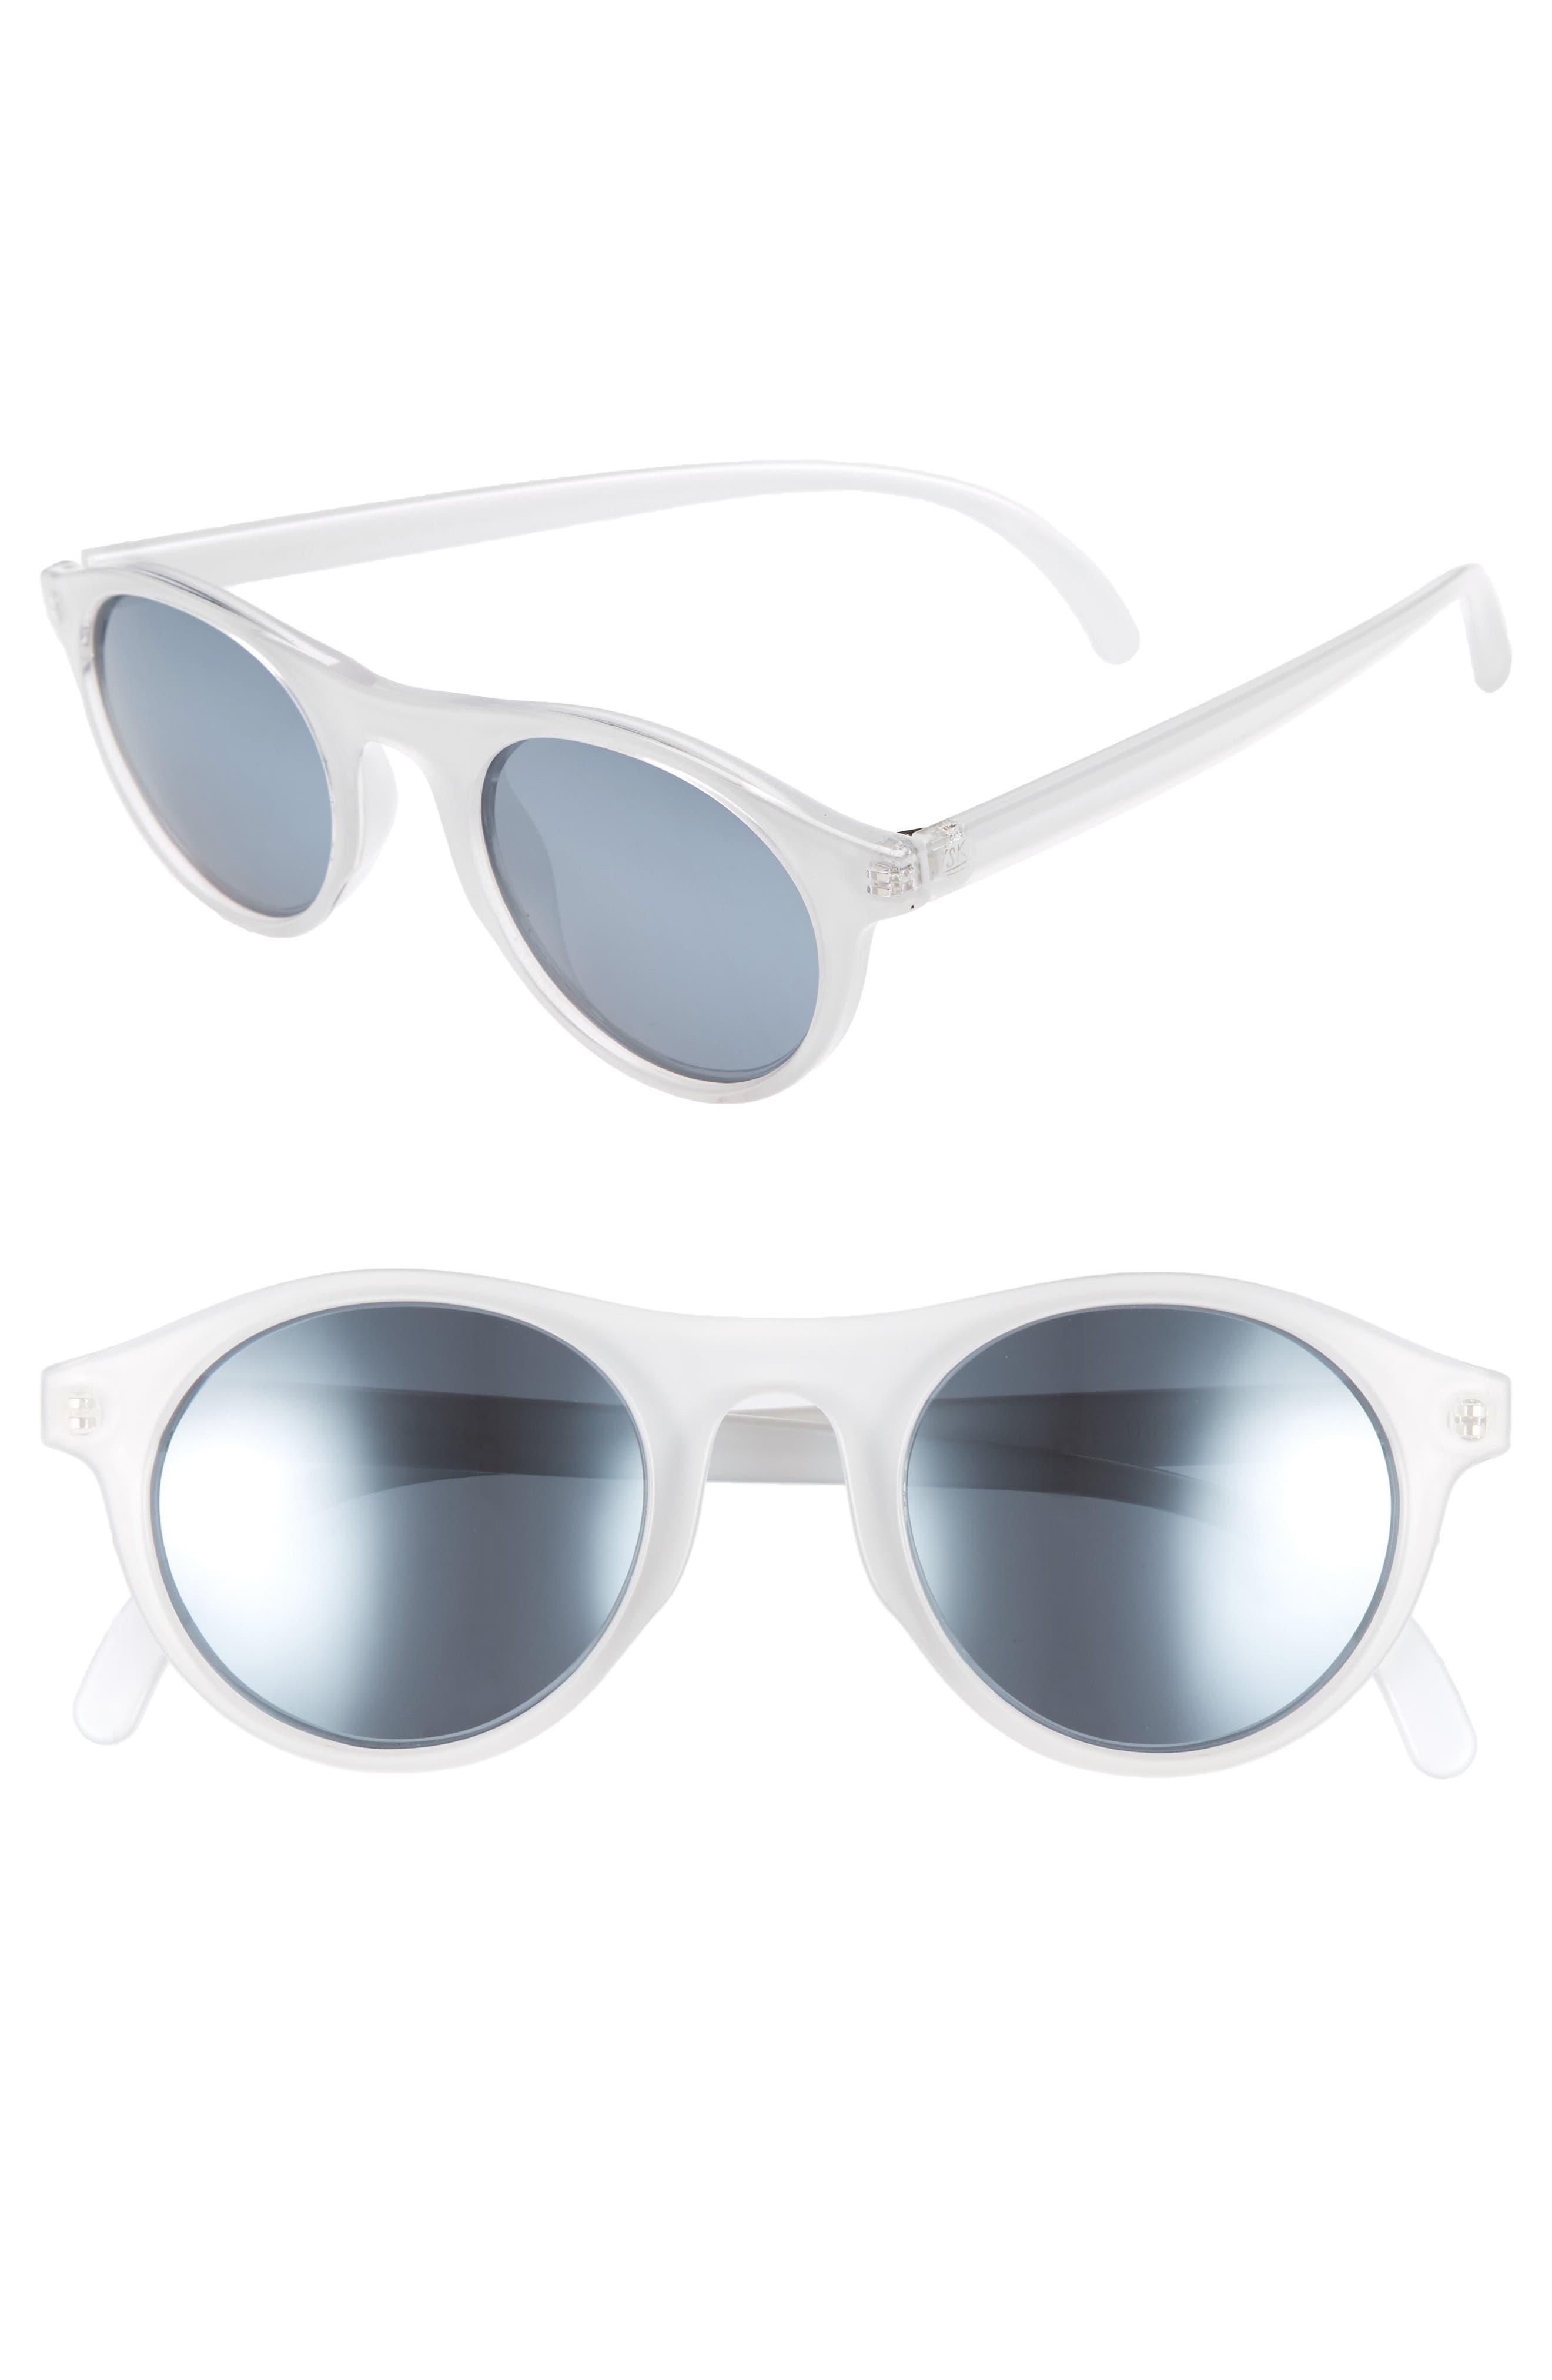 Sunski Alta 47Mm Sunglasses - Snow Silver